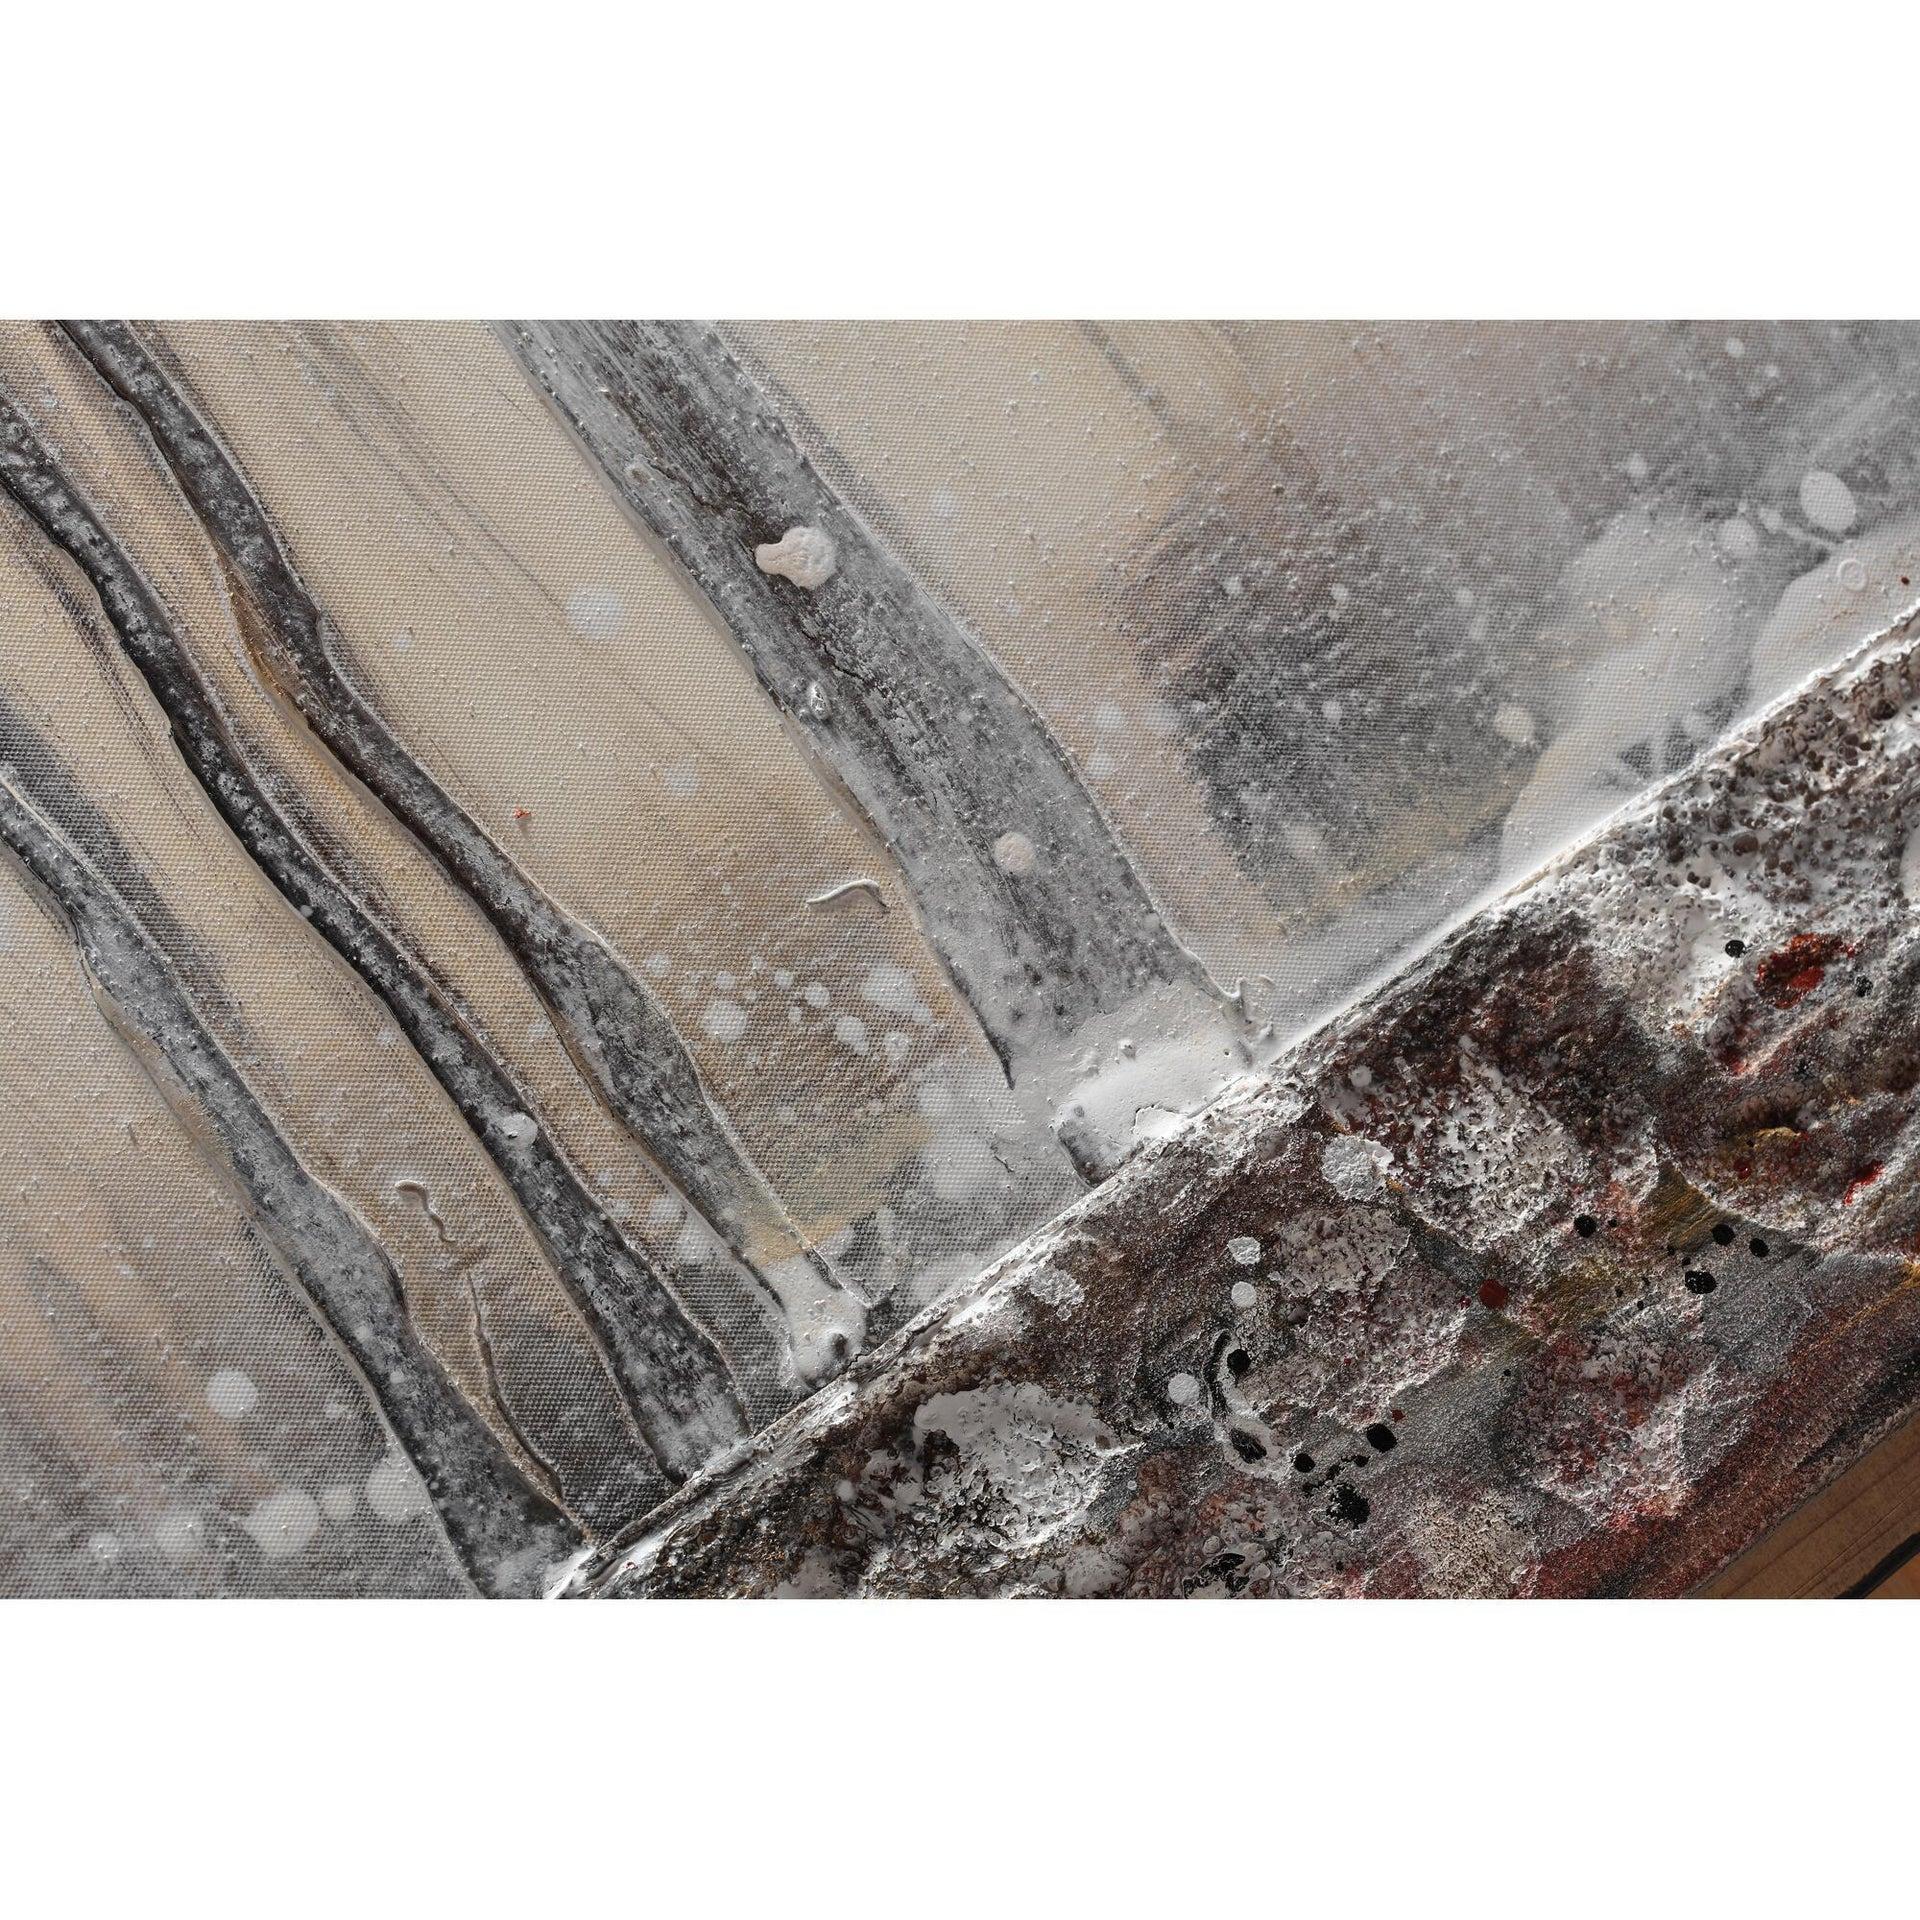 Tela Bosco In Inverno 180x80 cm - 5